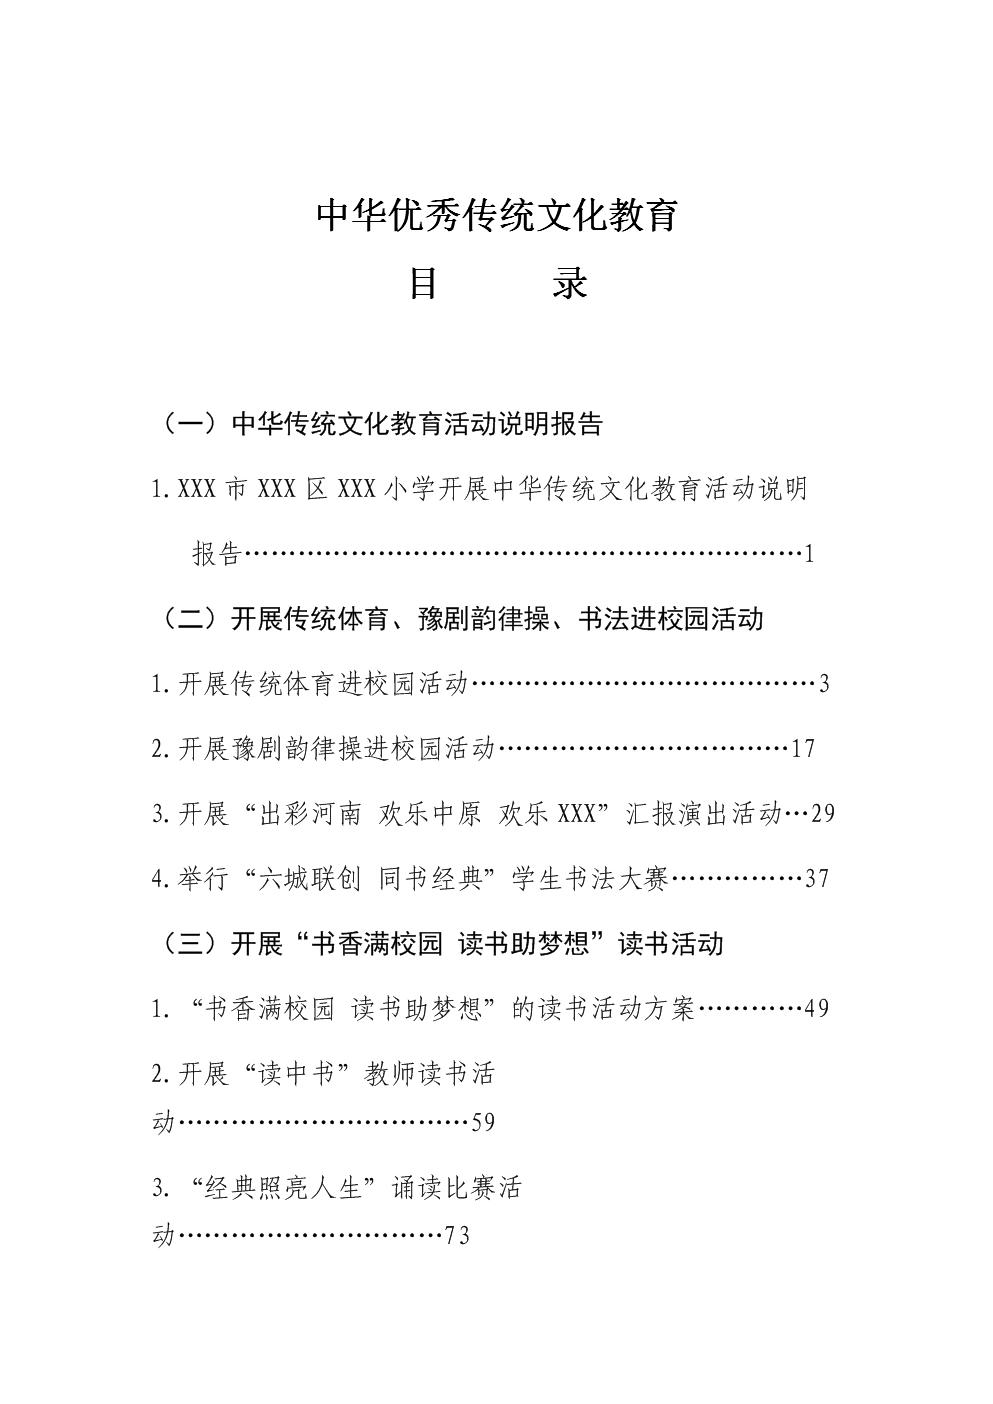 文明校园创建测评档案材料-I-1思想道德建设-8传统文化定稿版.docx